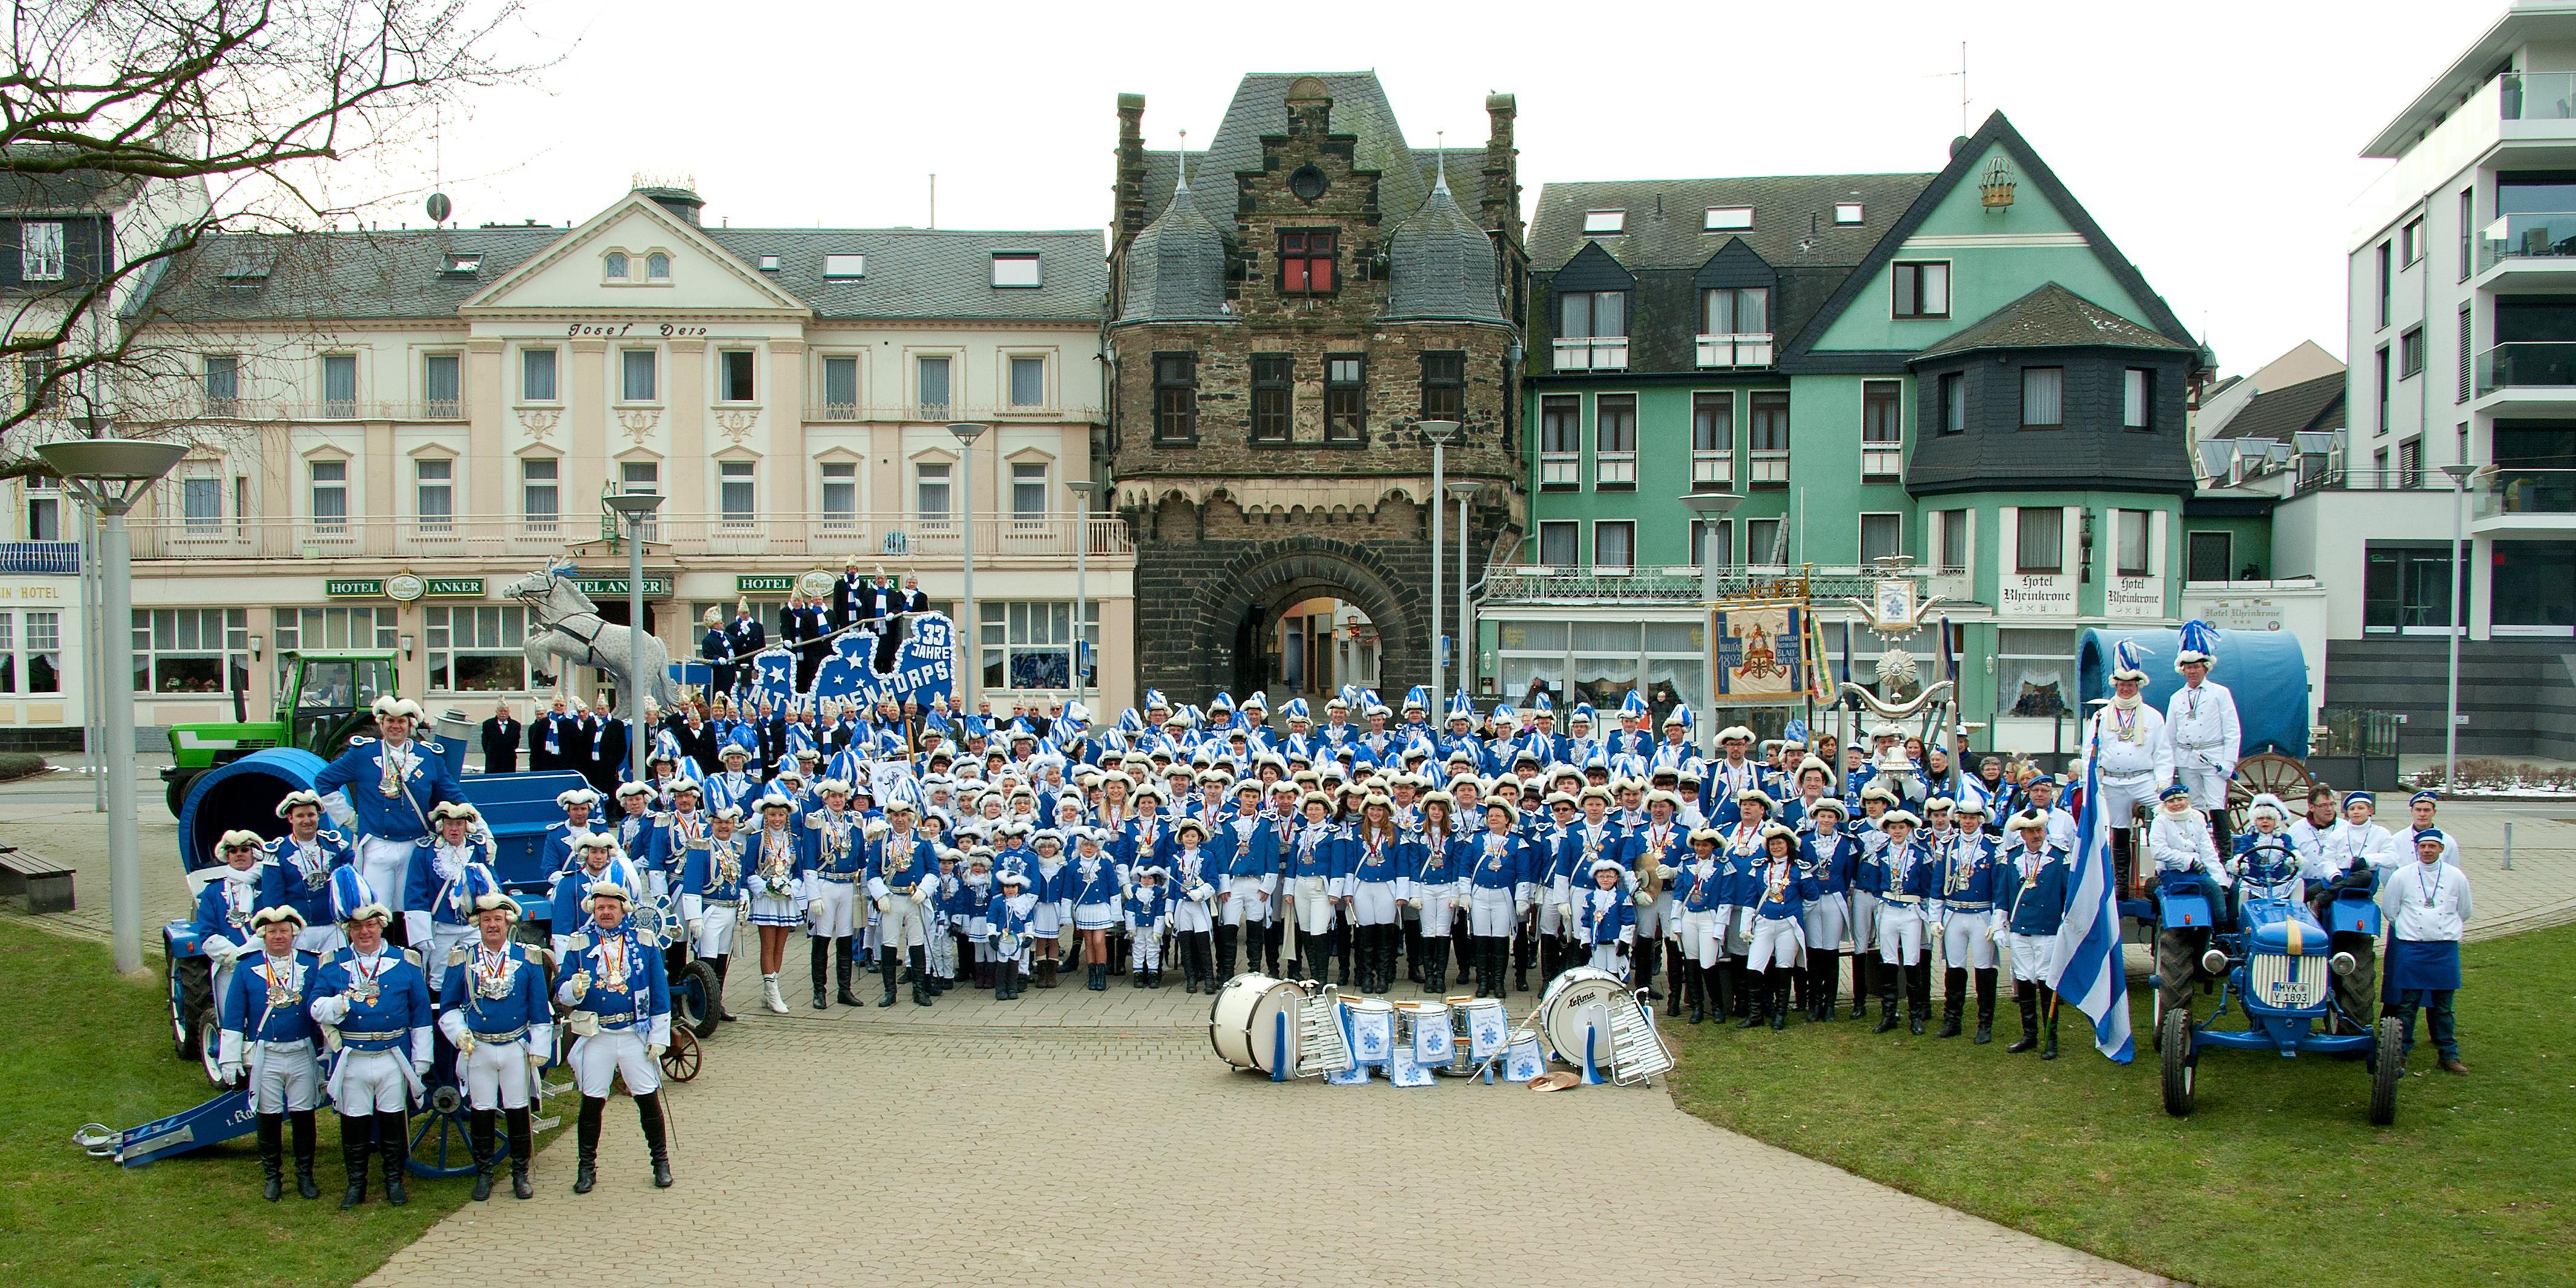 Das uniformierte Corps im Jubiläumsjahr 2014 (11x11 Jahre)